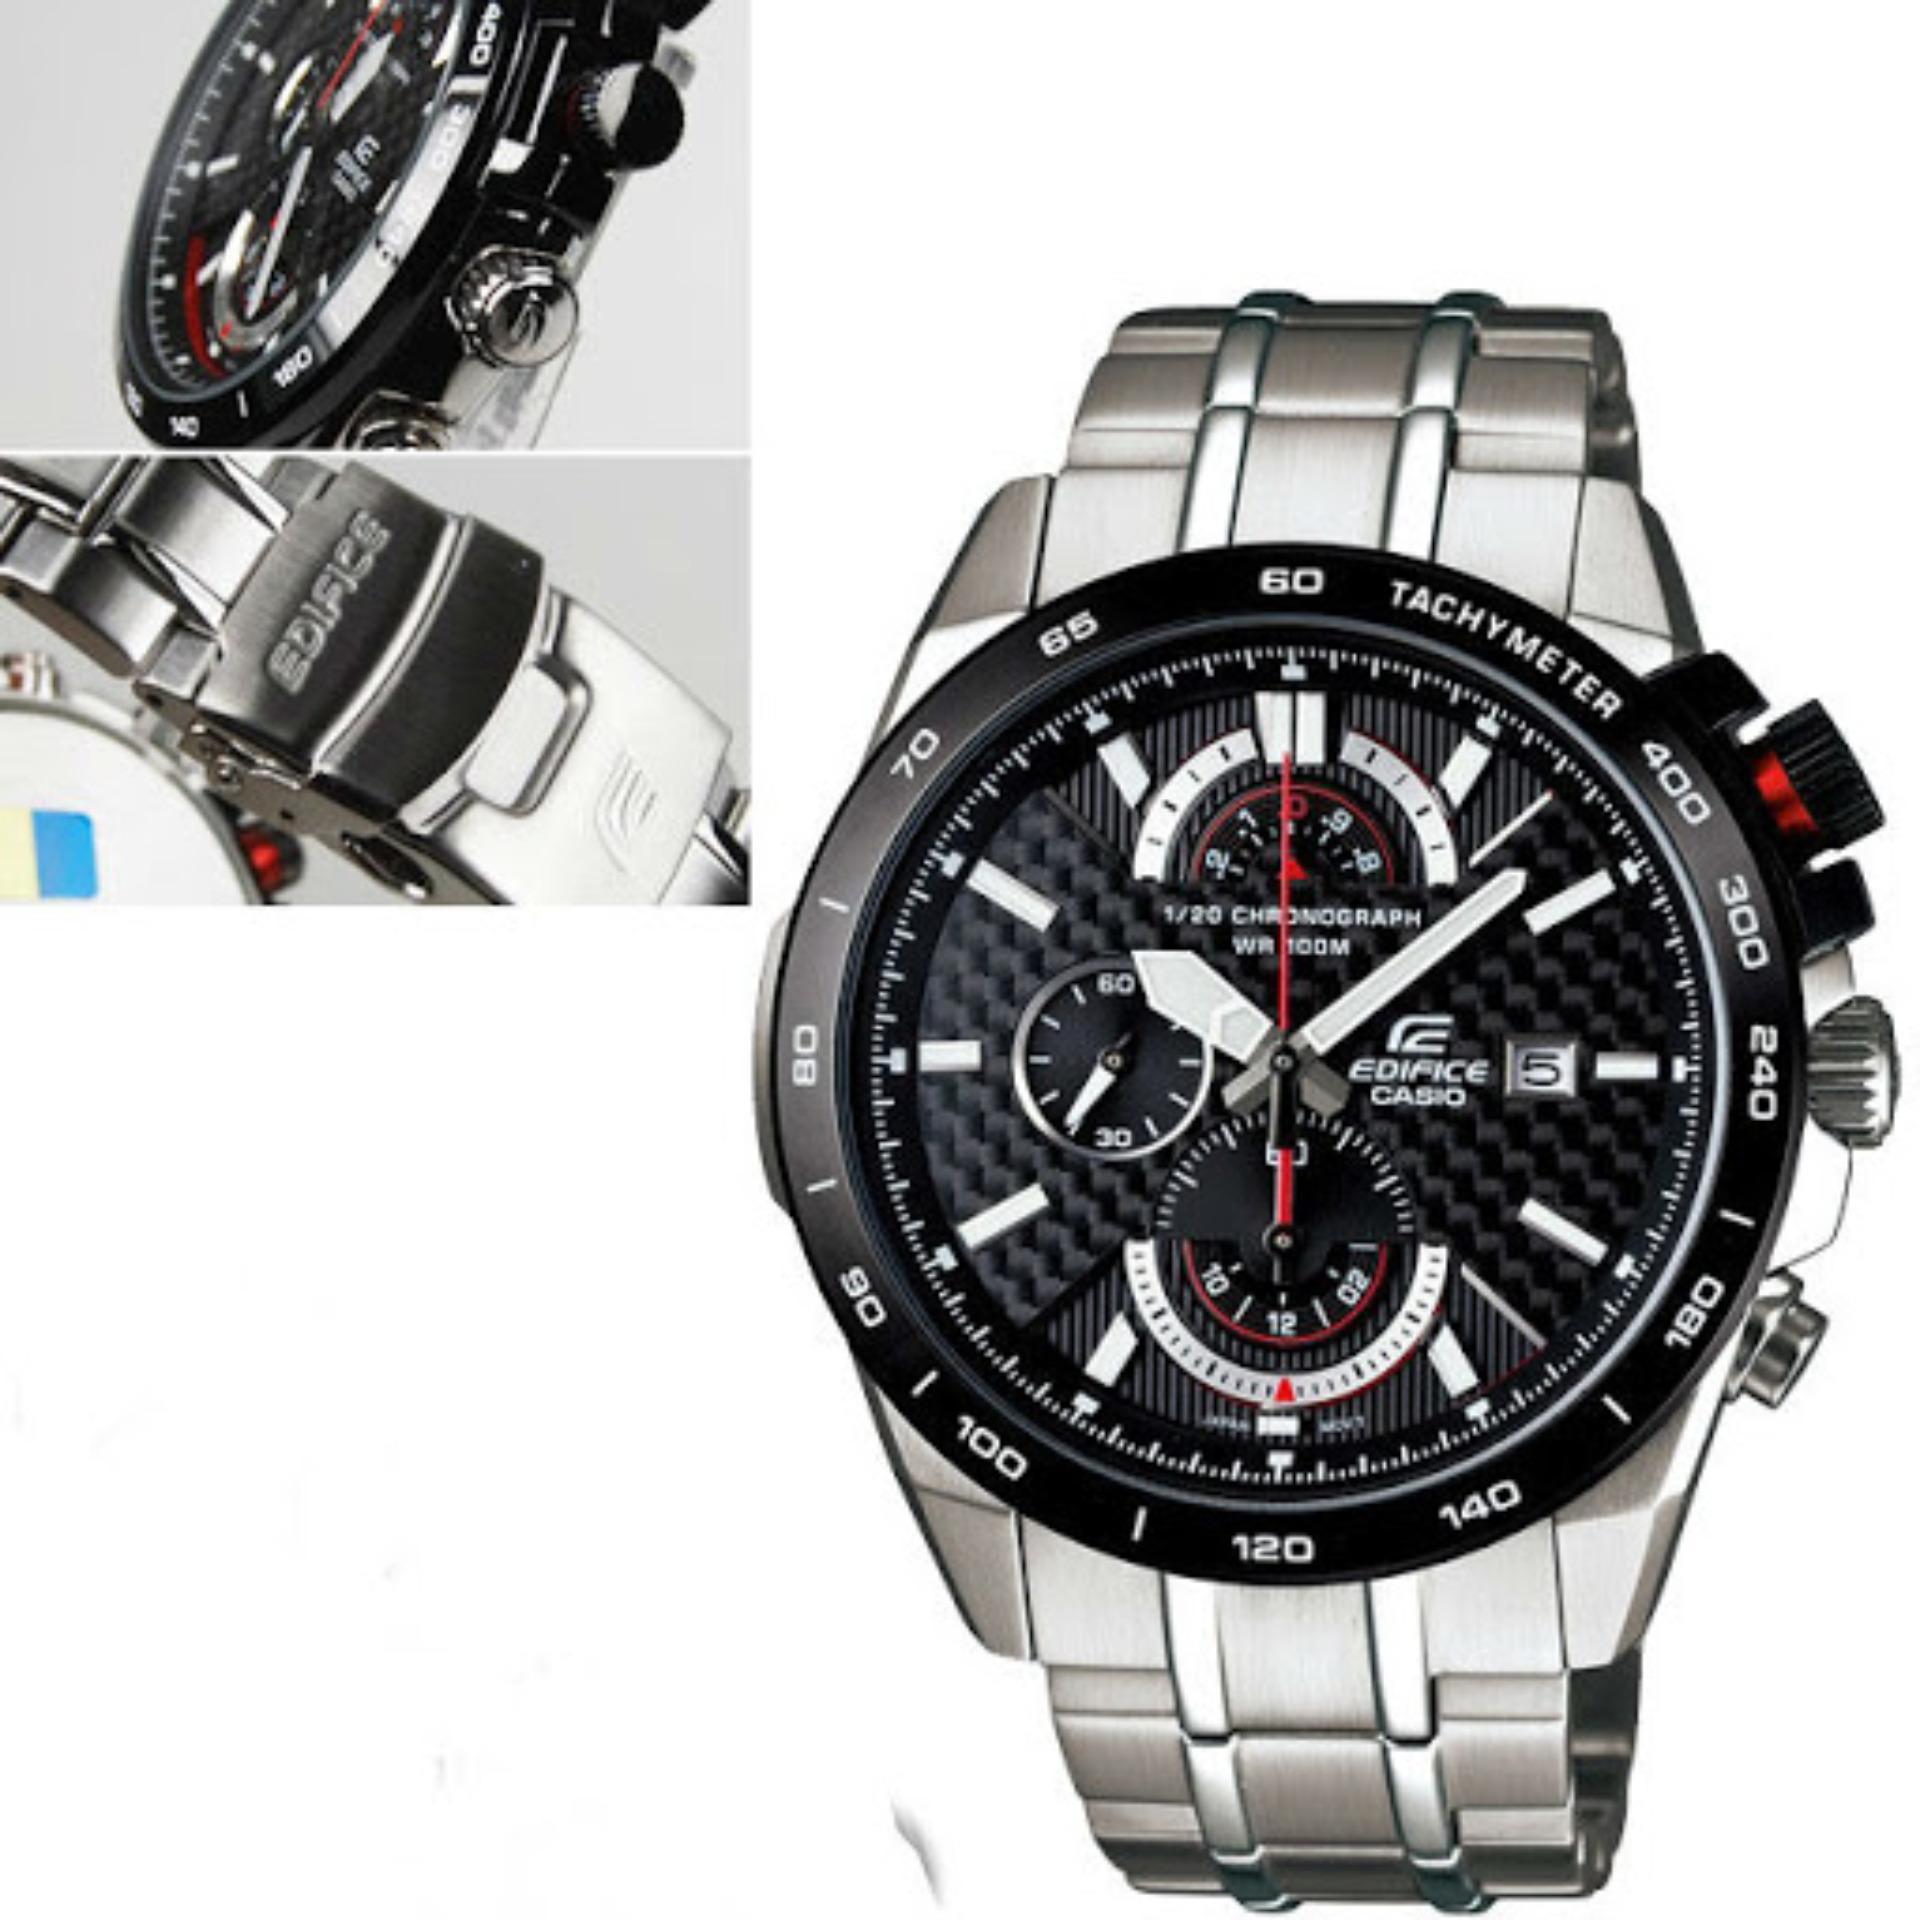 Casio edifice EF-520 SP jam tangan pria .